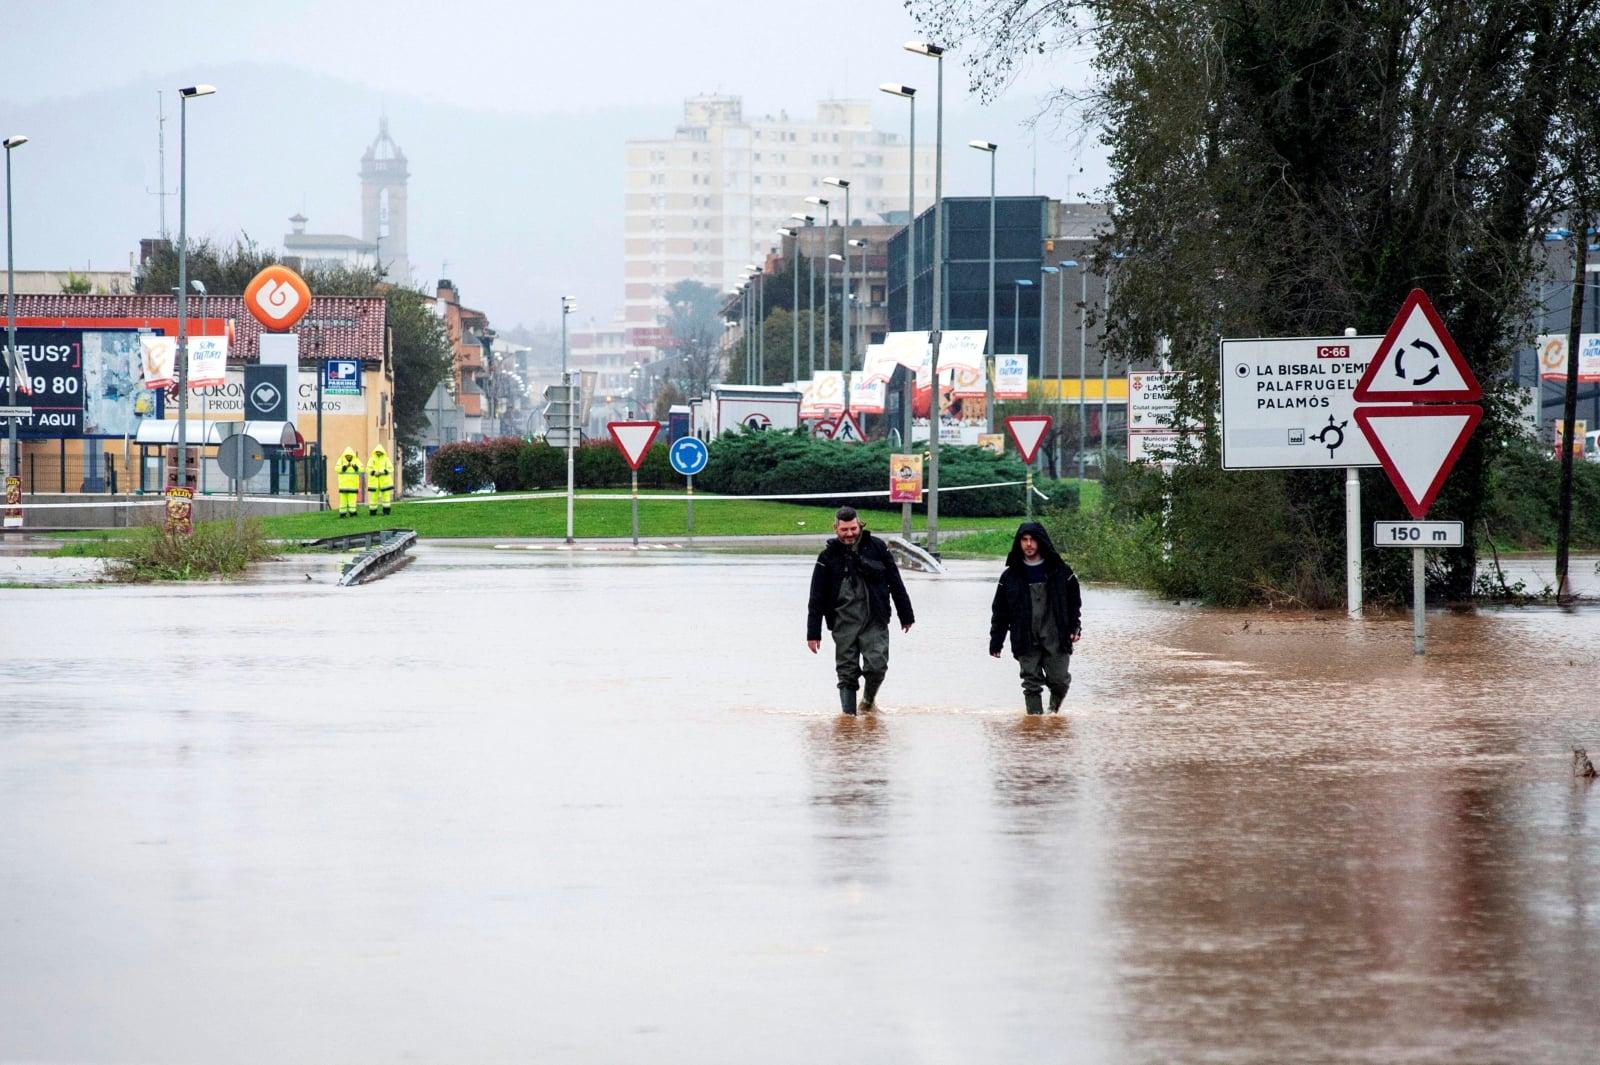 Powodzie w Hiszpanii fot. EPA/ROBIN TOWNSEND